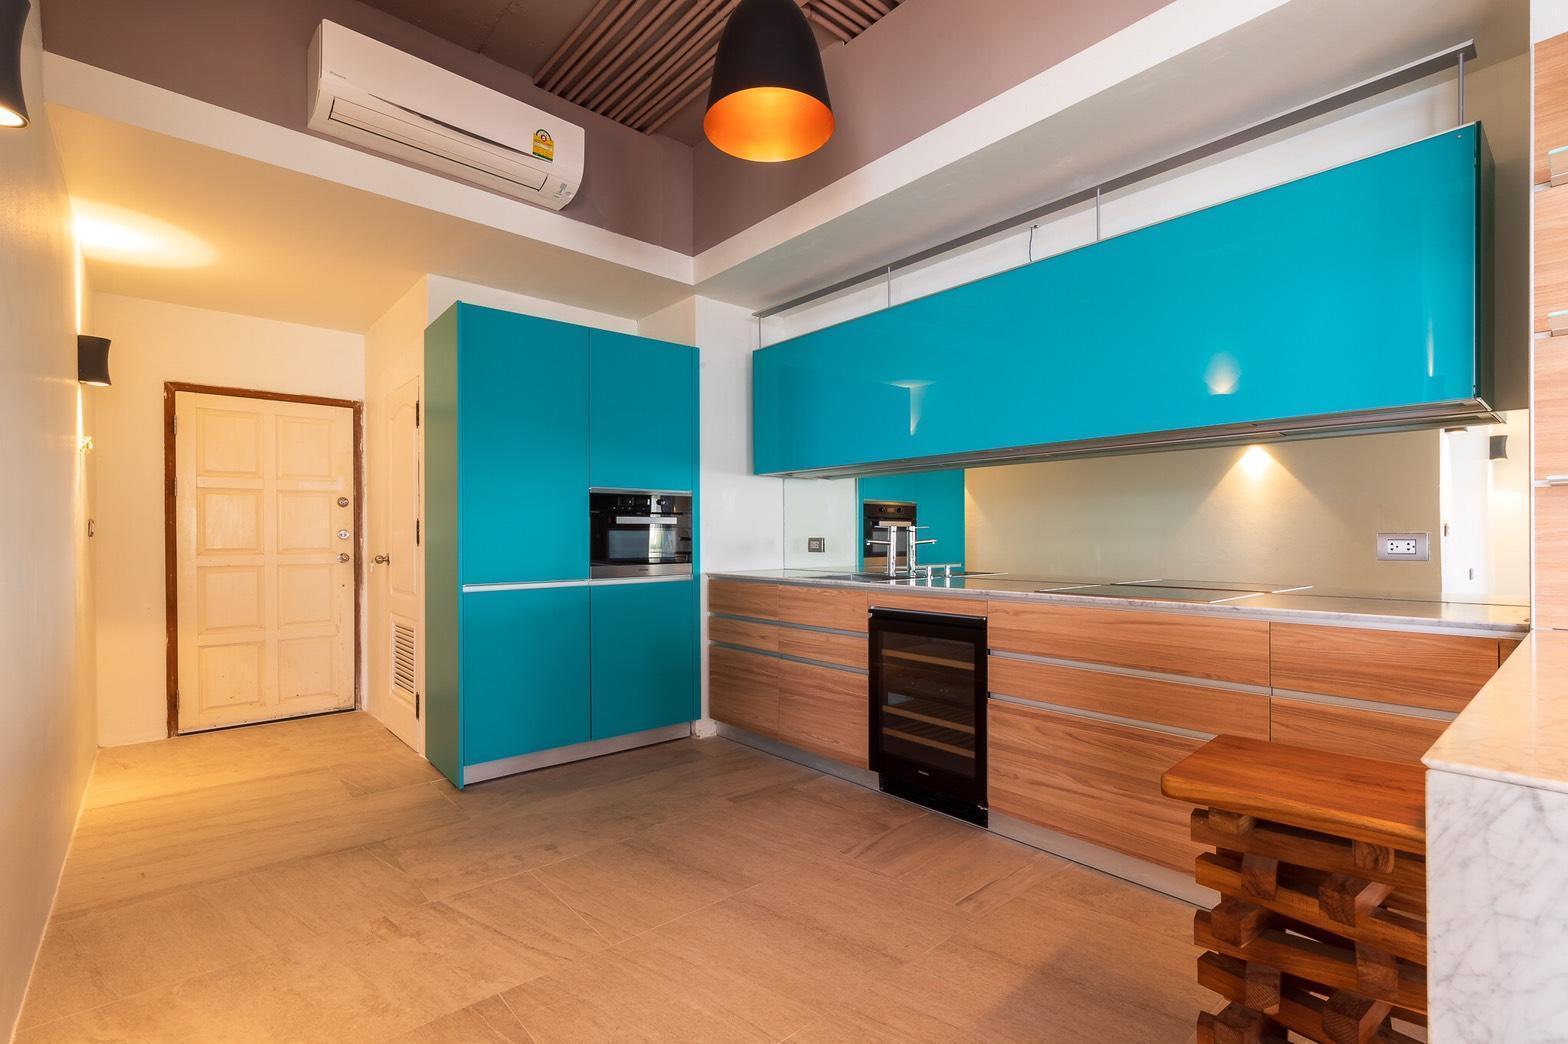 Waterfront suite อพาร์ตเมนต์ 2 ห้องนอน 2 ห้องน้ำส่วนตัว ขนาด 196 ตร.ม. – กะรน